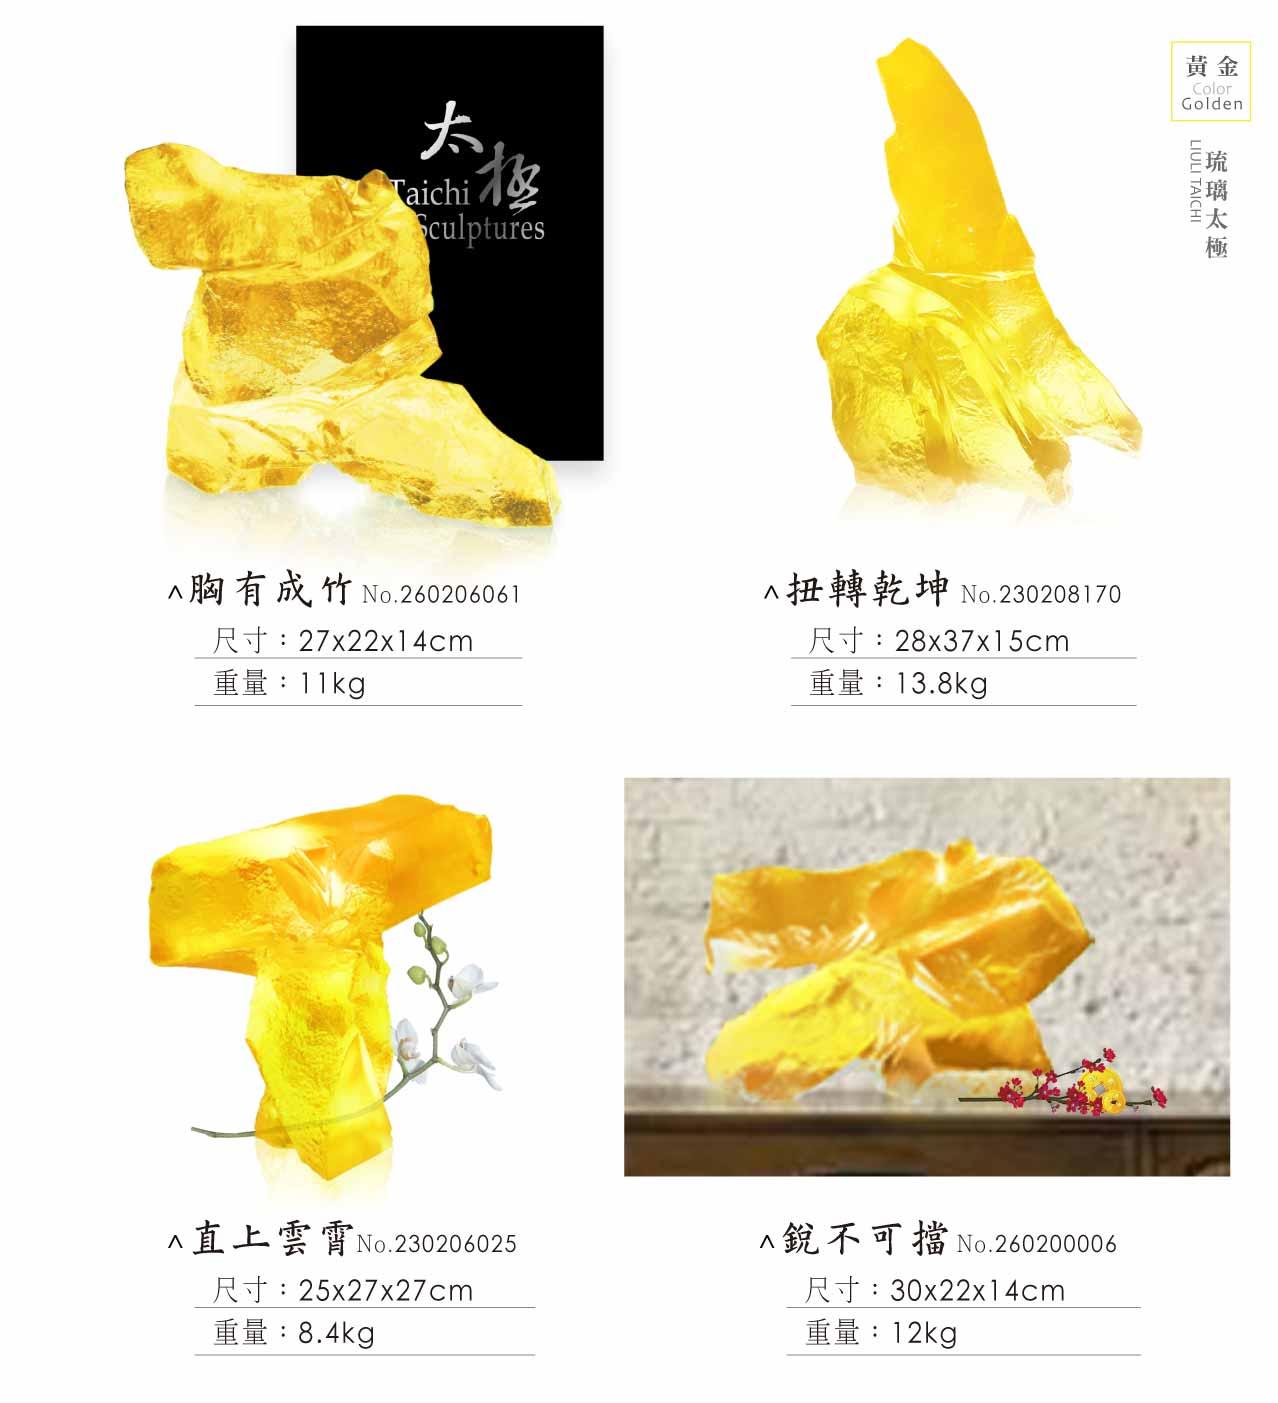 琉璃大太極黃金-03